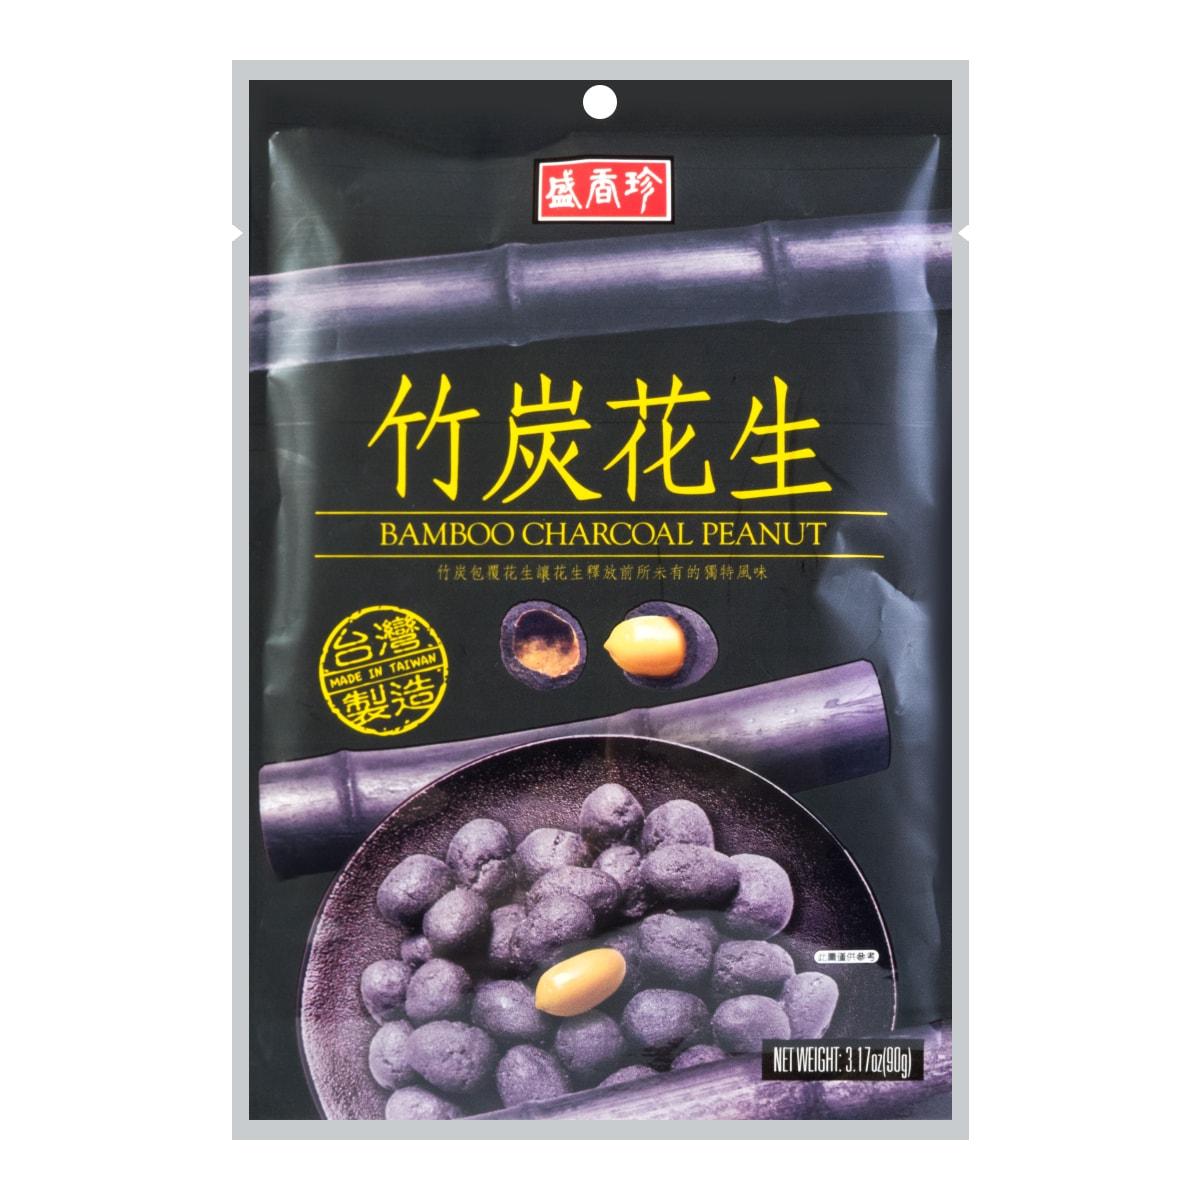 台湾盛香珍 净化血管排毒养颜竹炭花生 90g